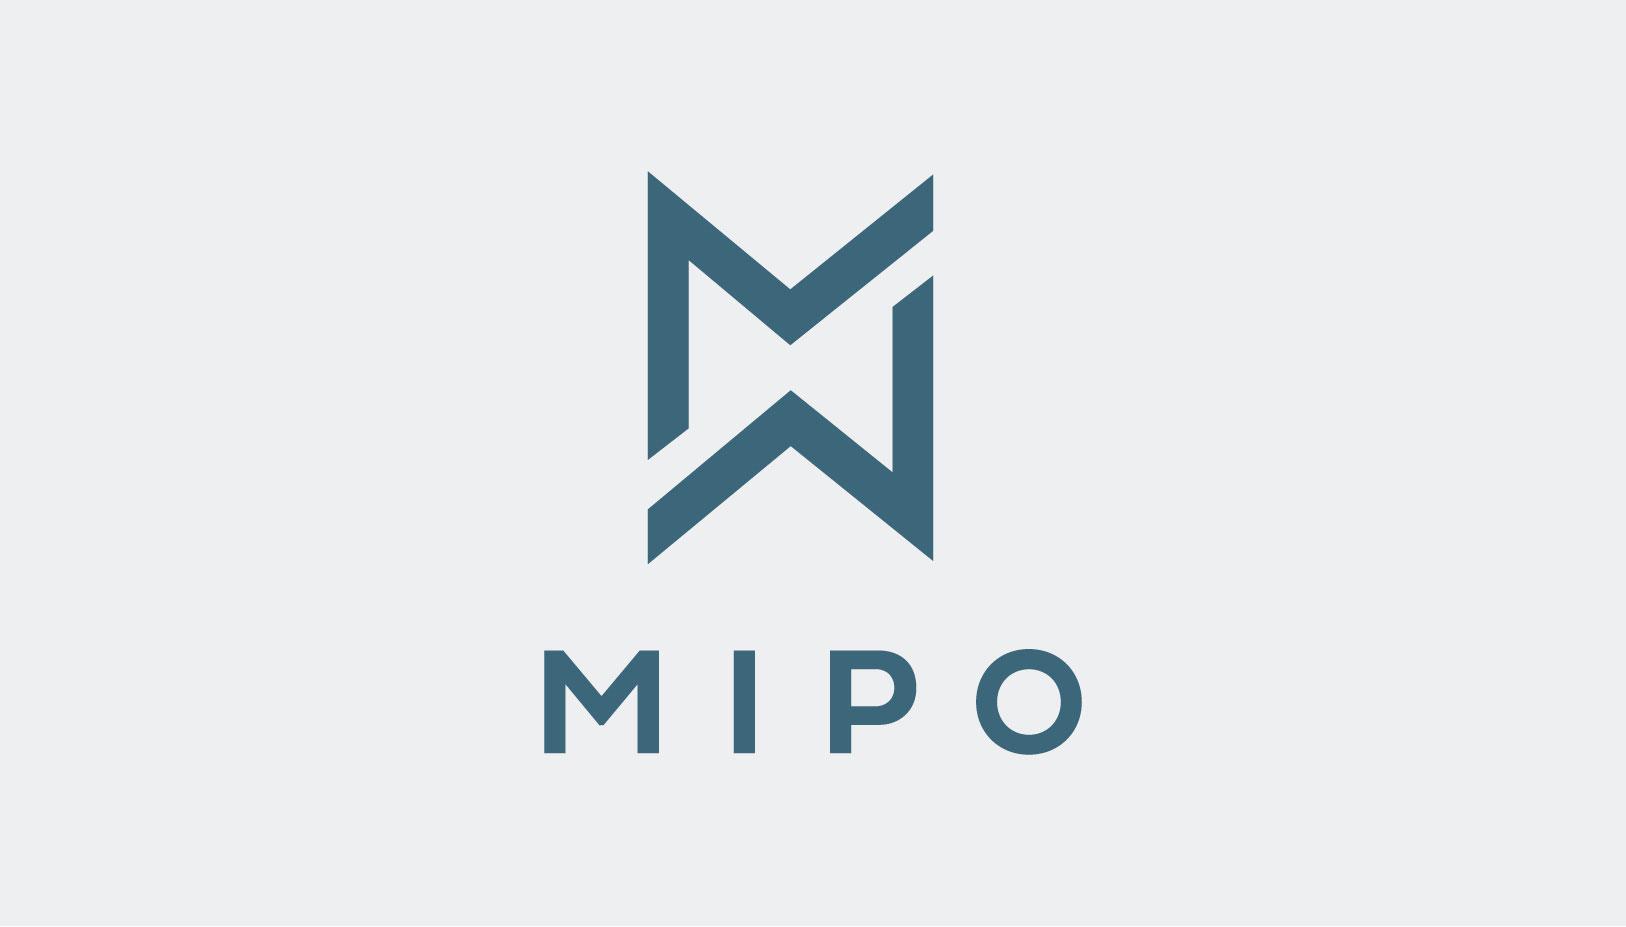 paolo_salmaso_Mipo_musica_logo_web_design_venezia_grafico_graphic_designer - Simple Sign